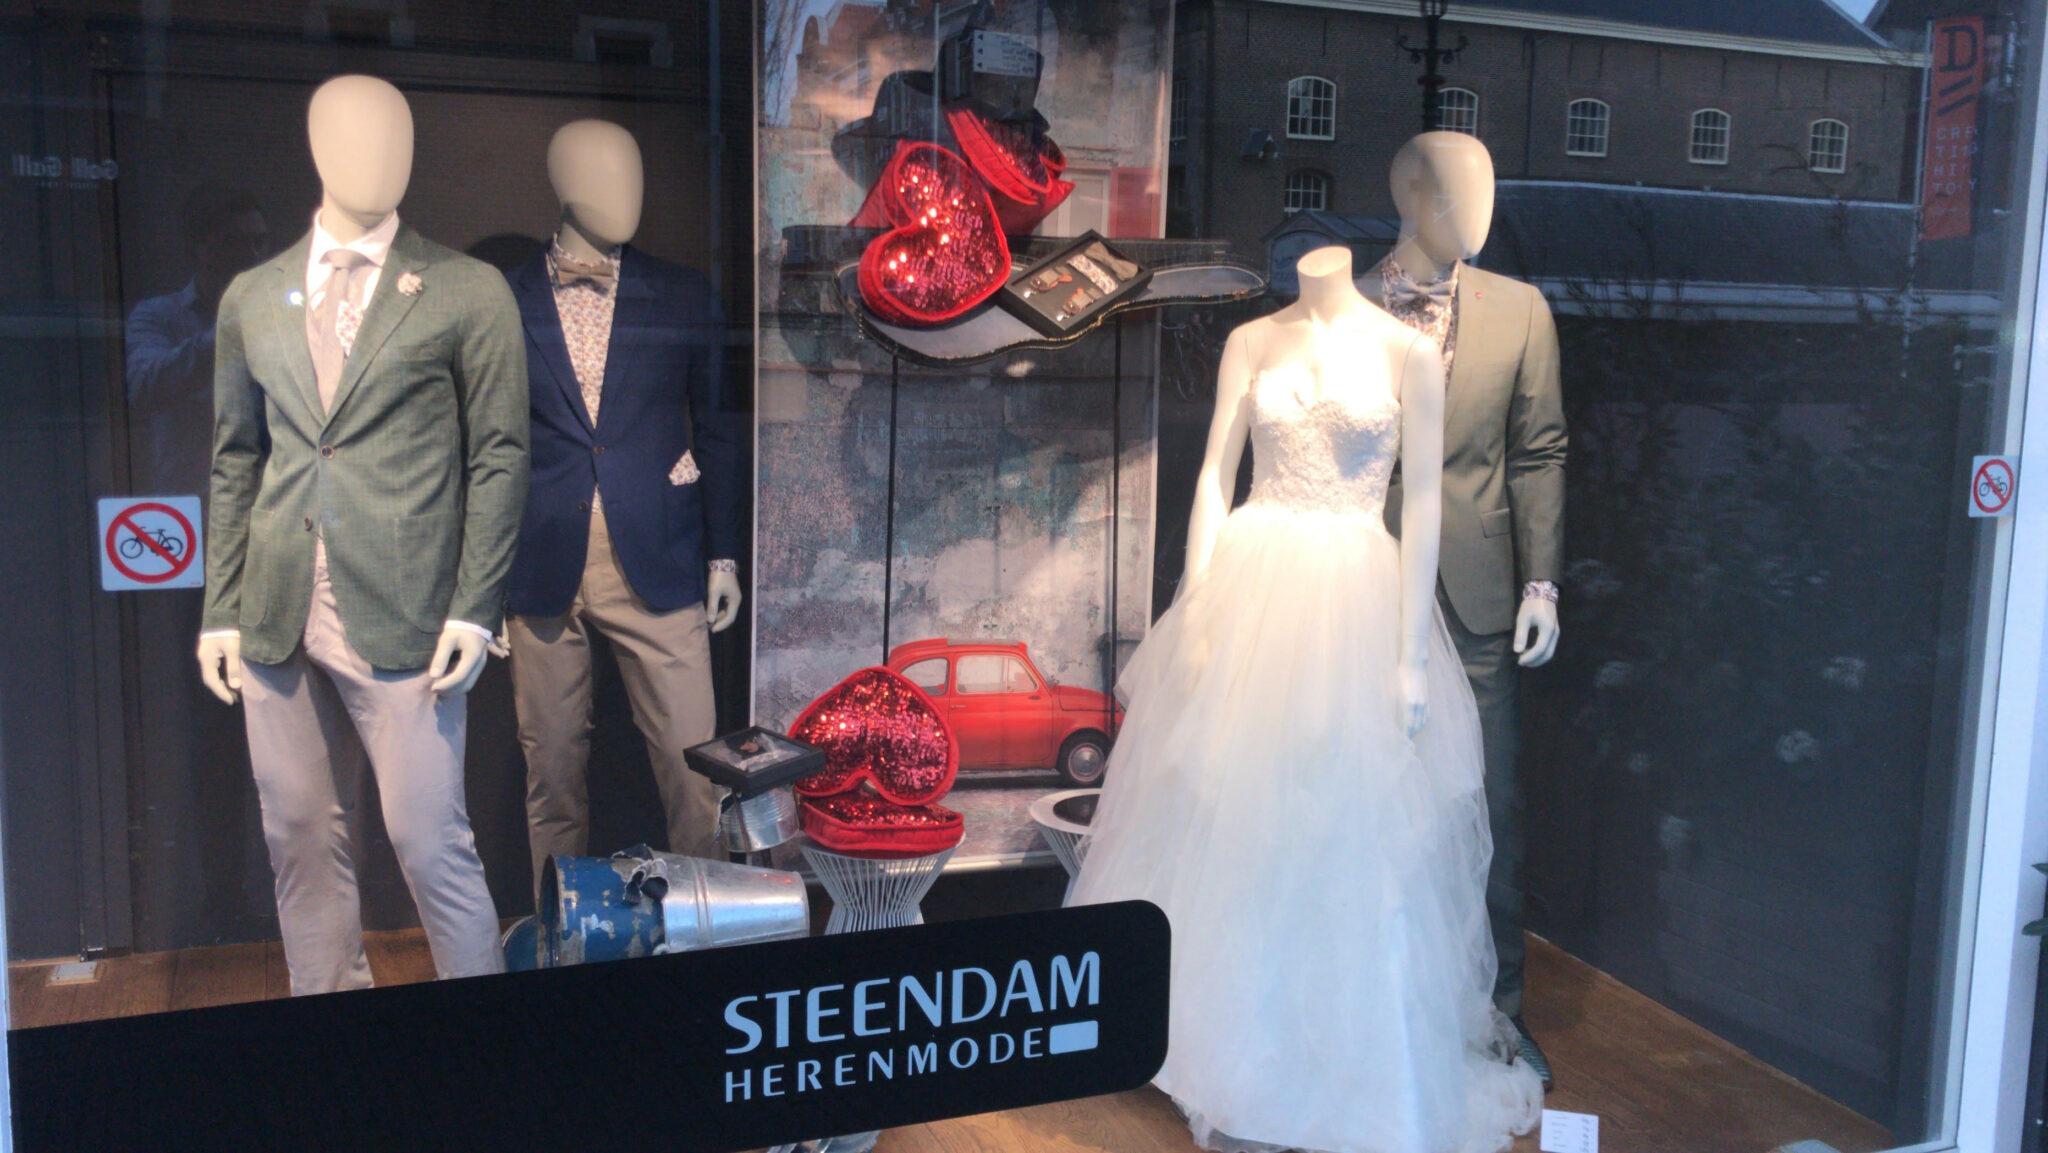 Steendam